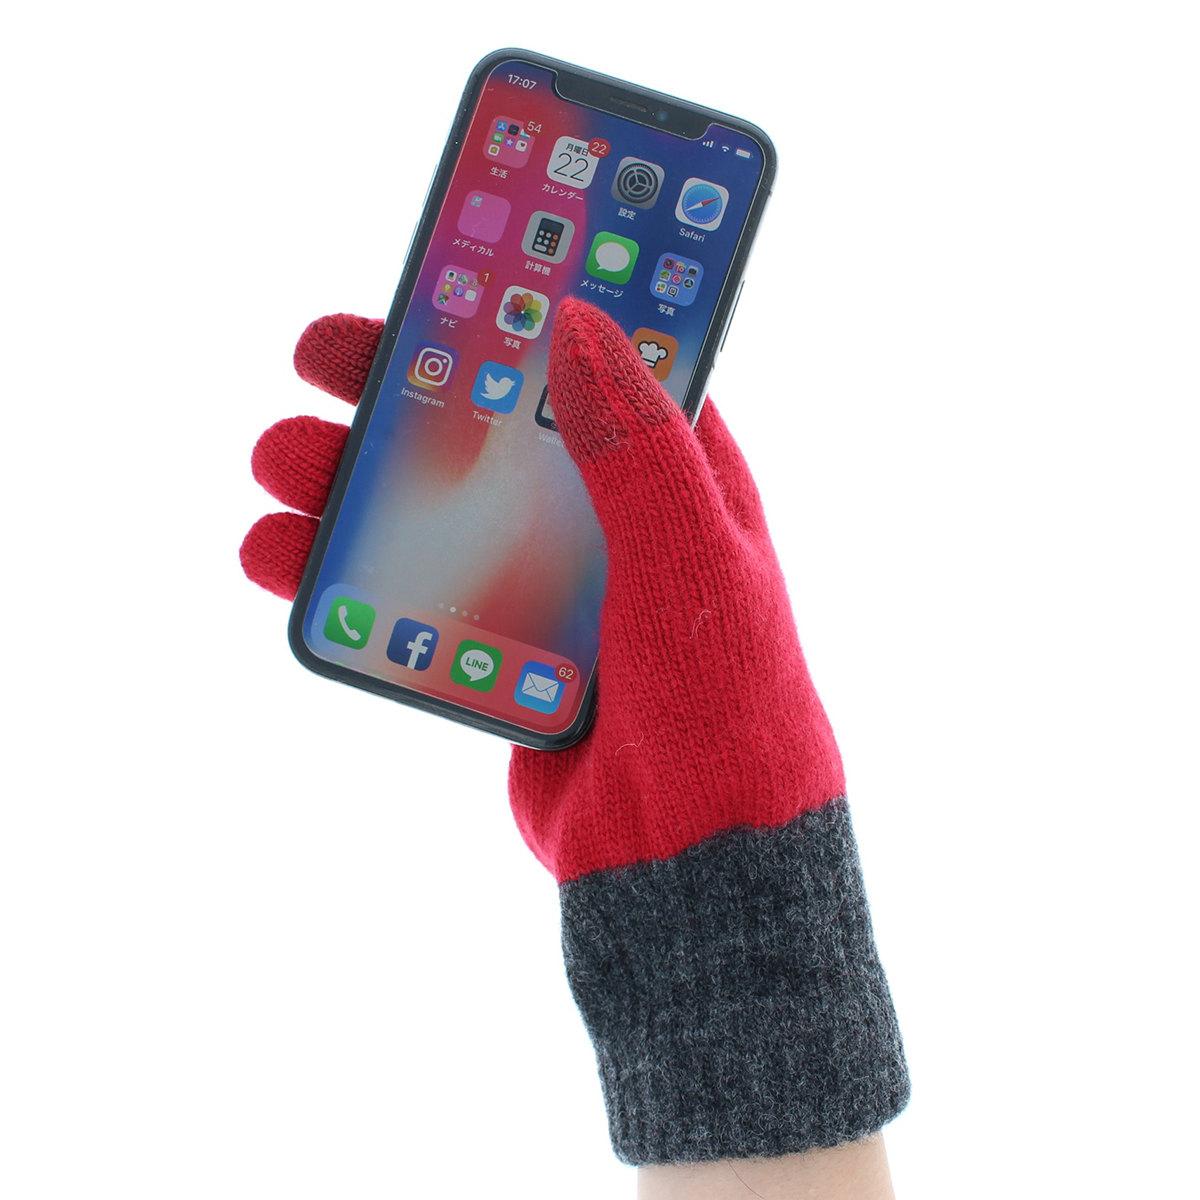 【SALE】アニエスベー agnes b. レディース ニット手袋 人気ブランド あったか5本指 スマホ対応 タッチパネル対応 バイカラー 日本製 男女ペア企画 フリーサイズ